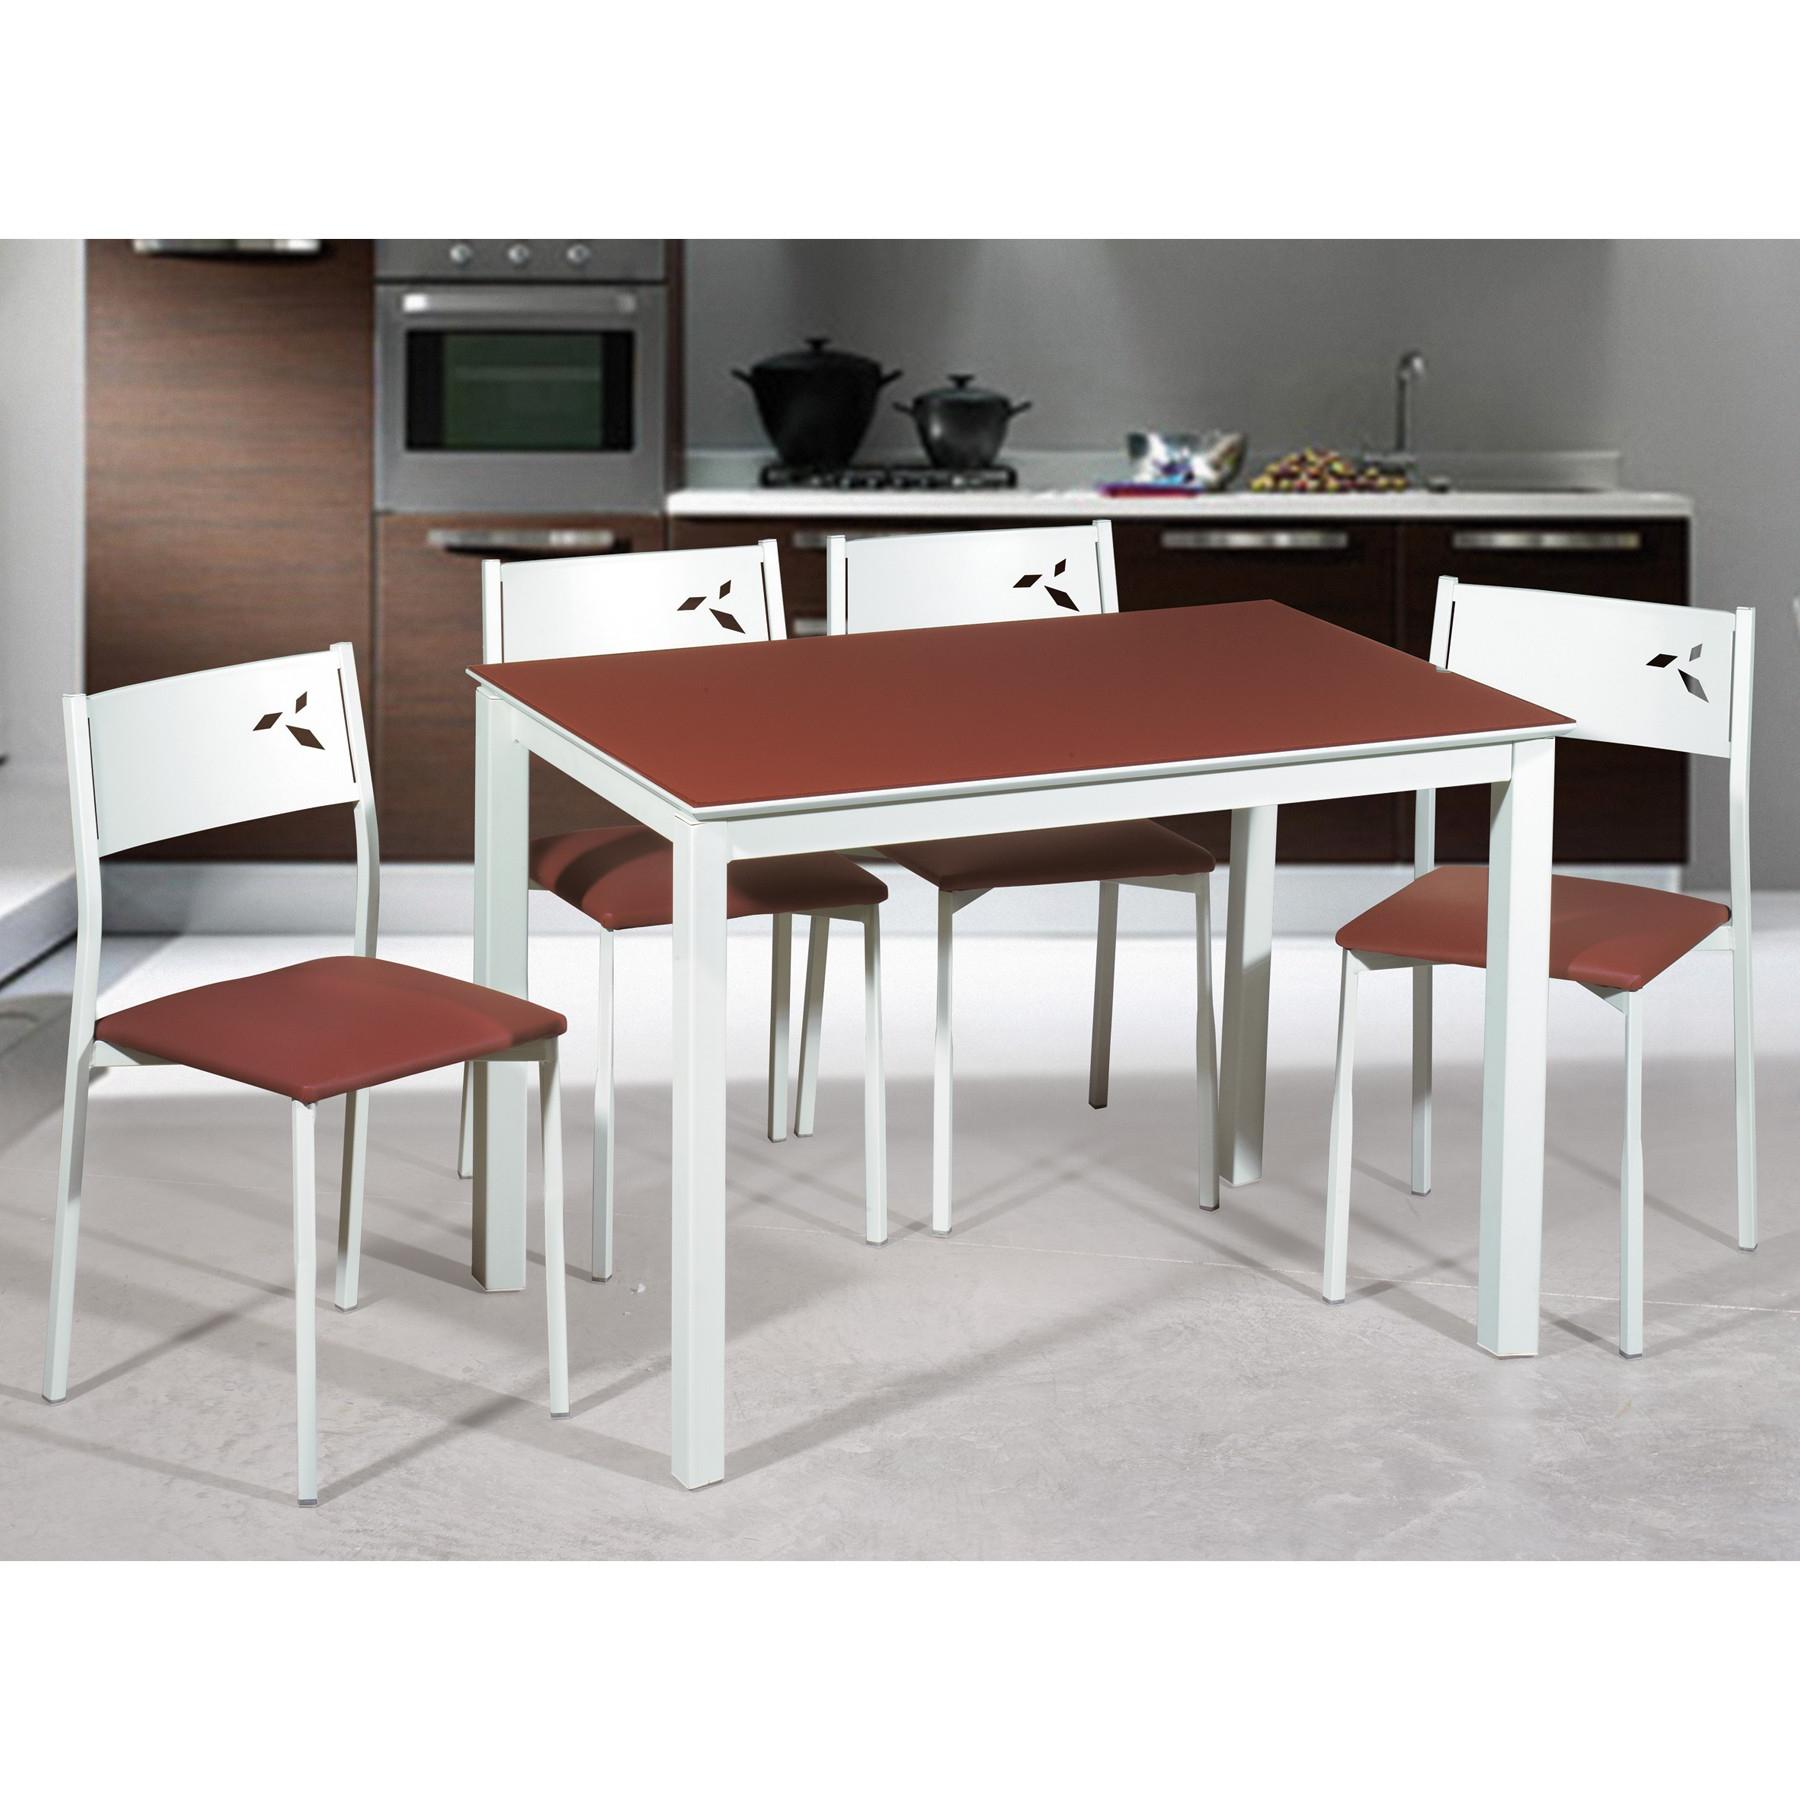 Mesa Y Sillas Cocina T8dj Oferta Conjunto Mesa Y Sillas De Cocina Blancas White